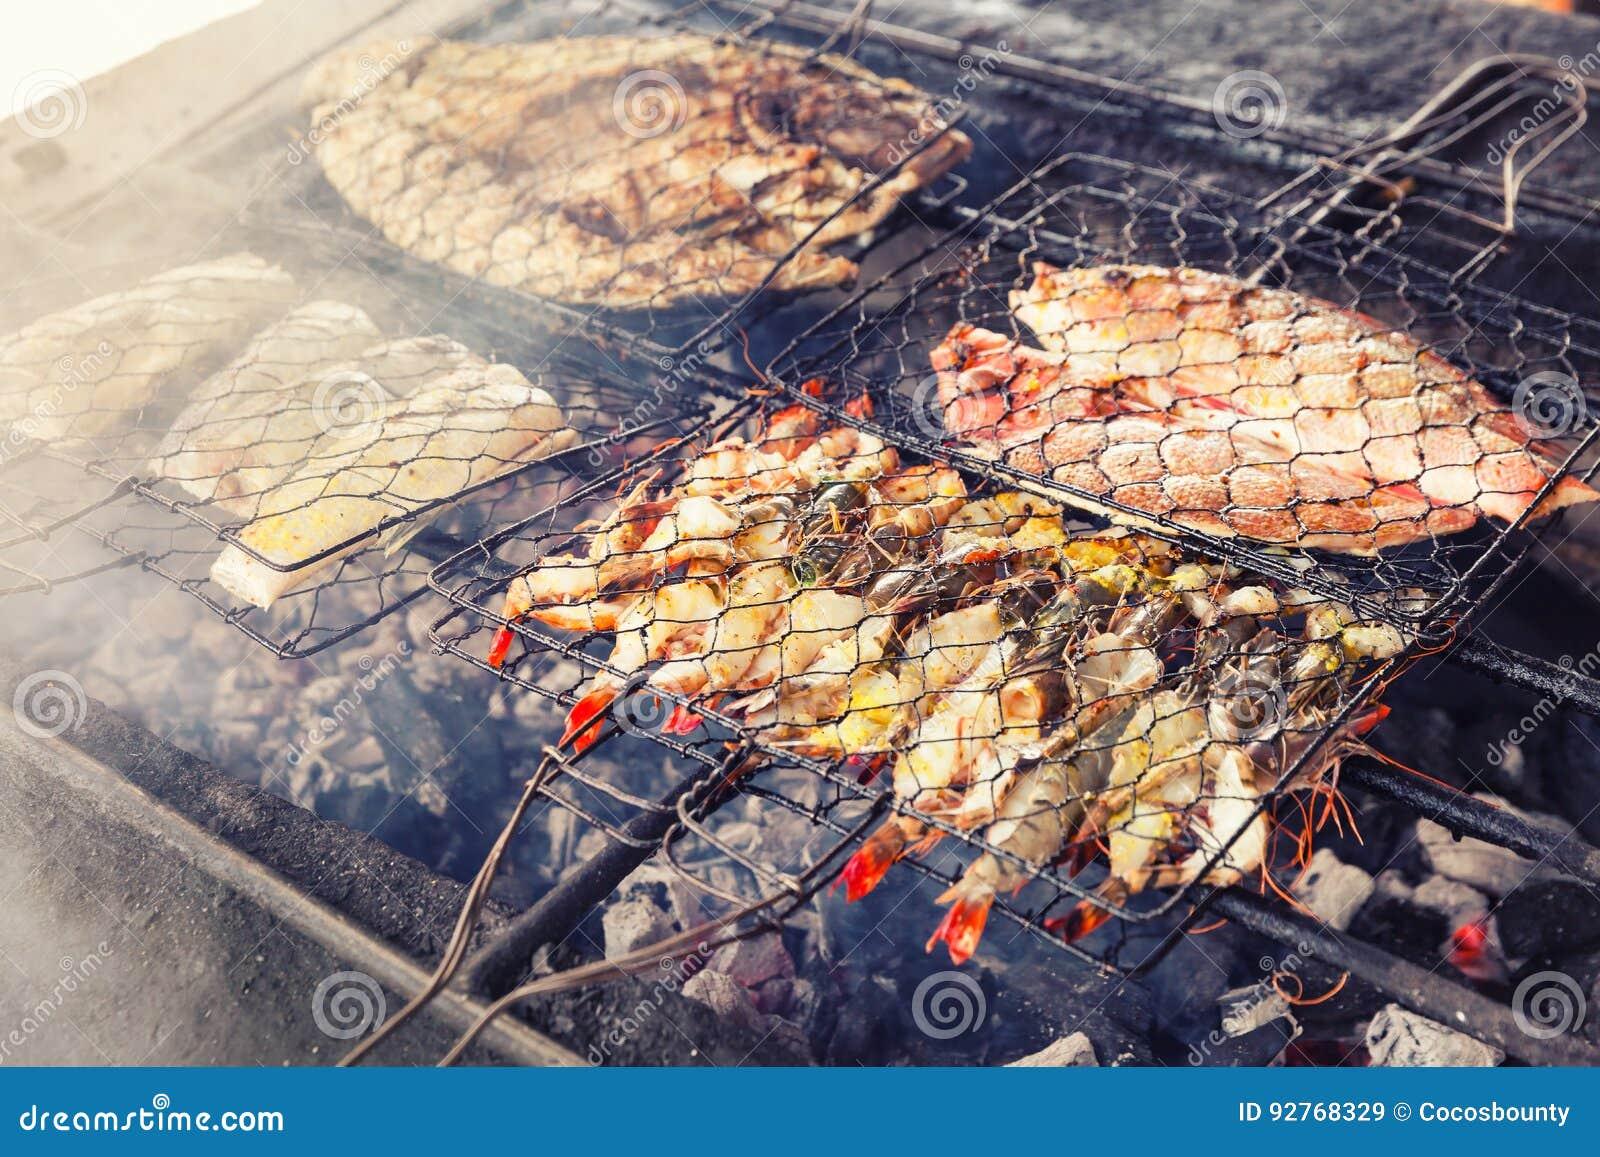 octopus op de barbecue